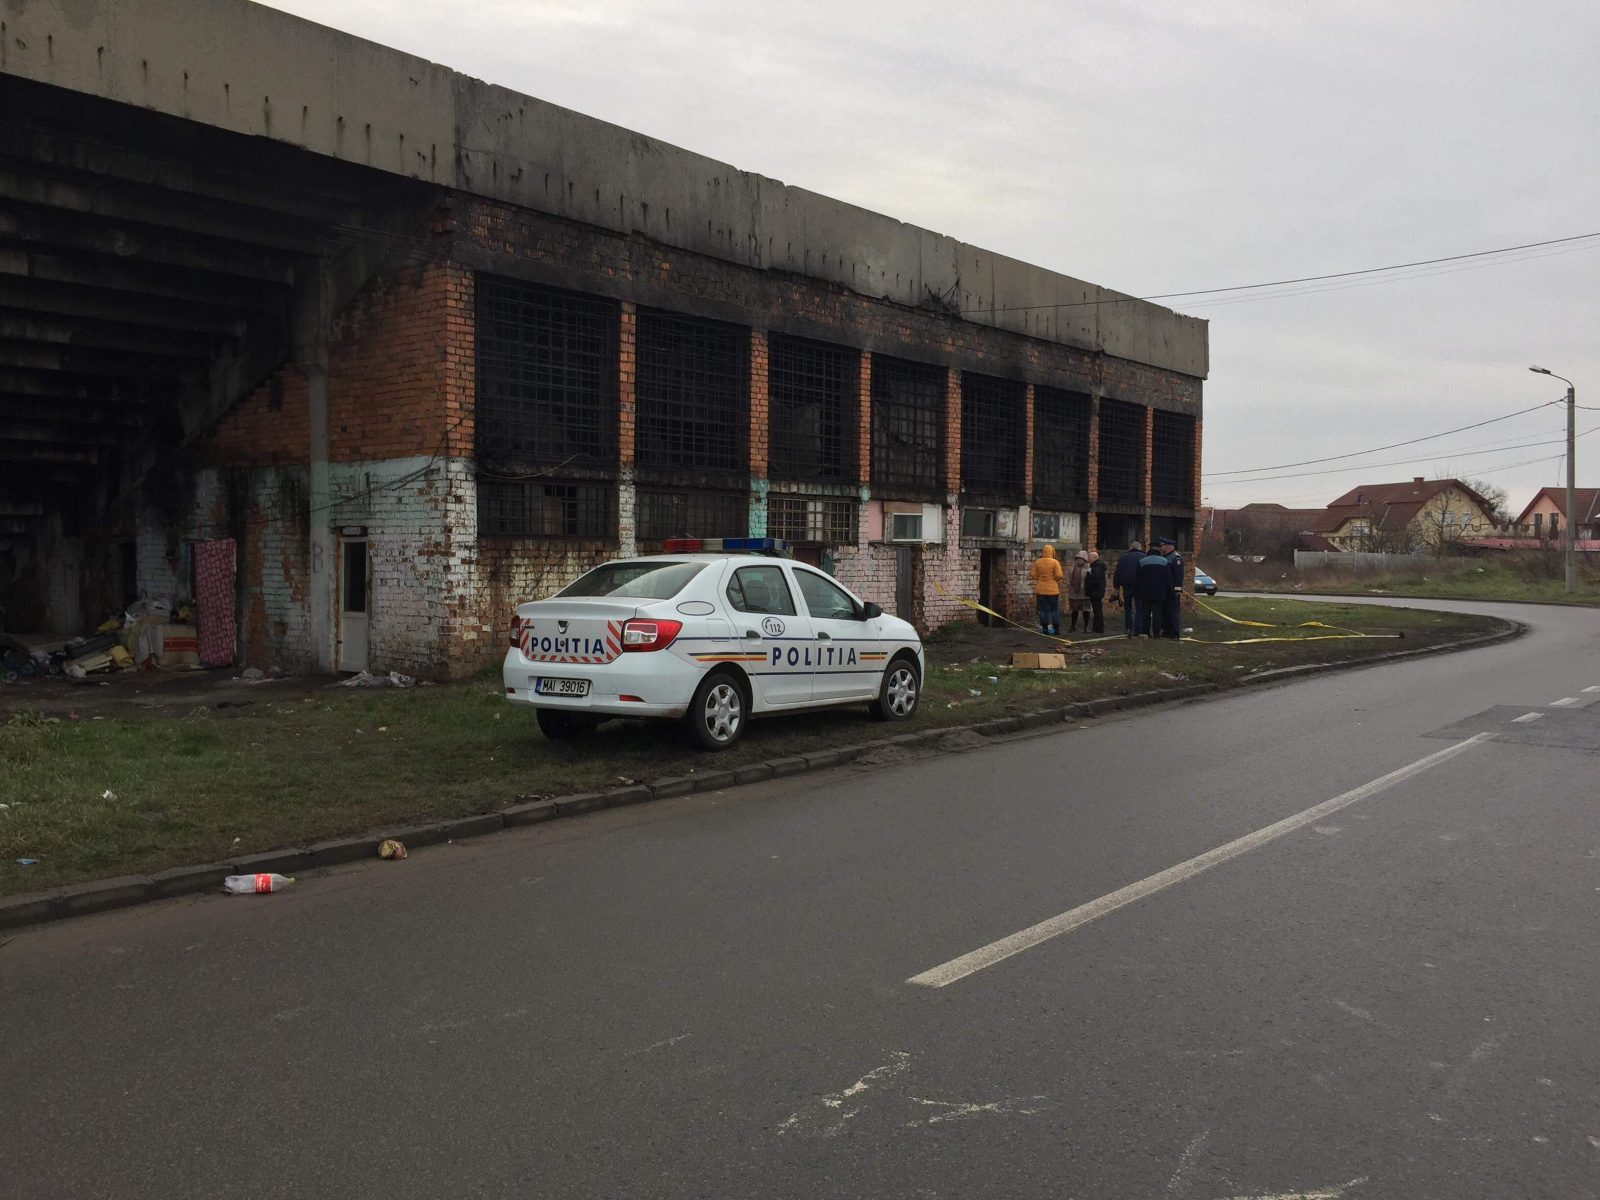 S-a confirmat! Femeia găsită moartă sub stadionul Unio a fost ucisă de soț în bătaie